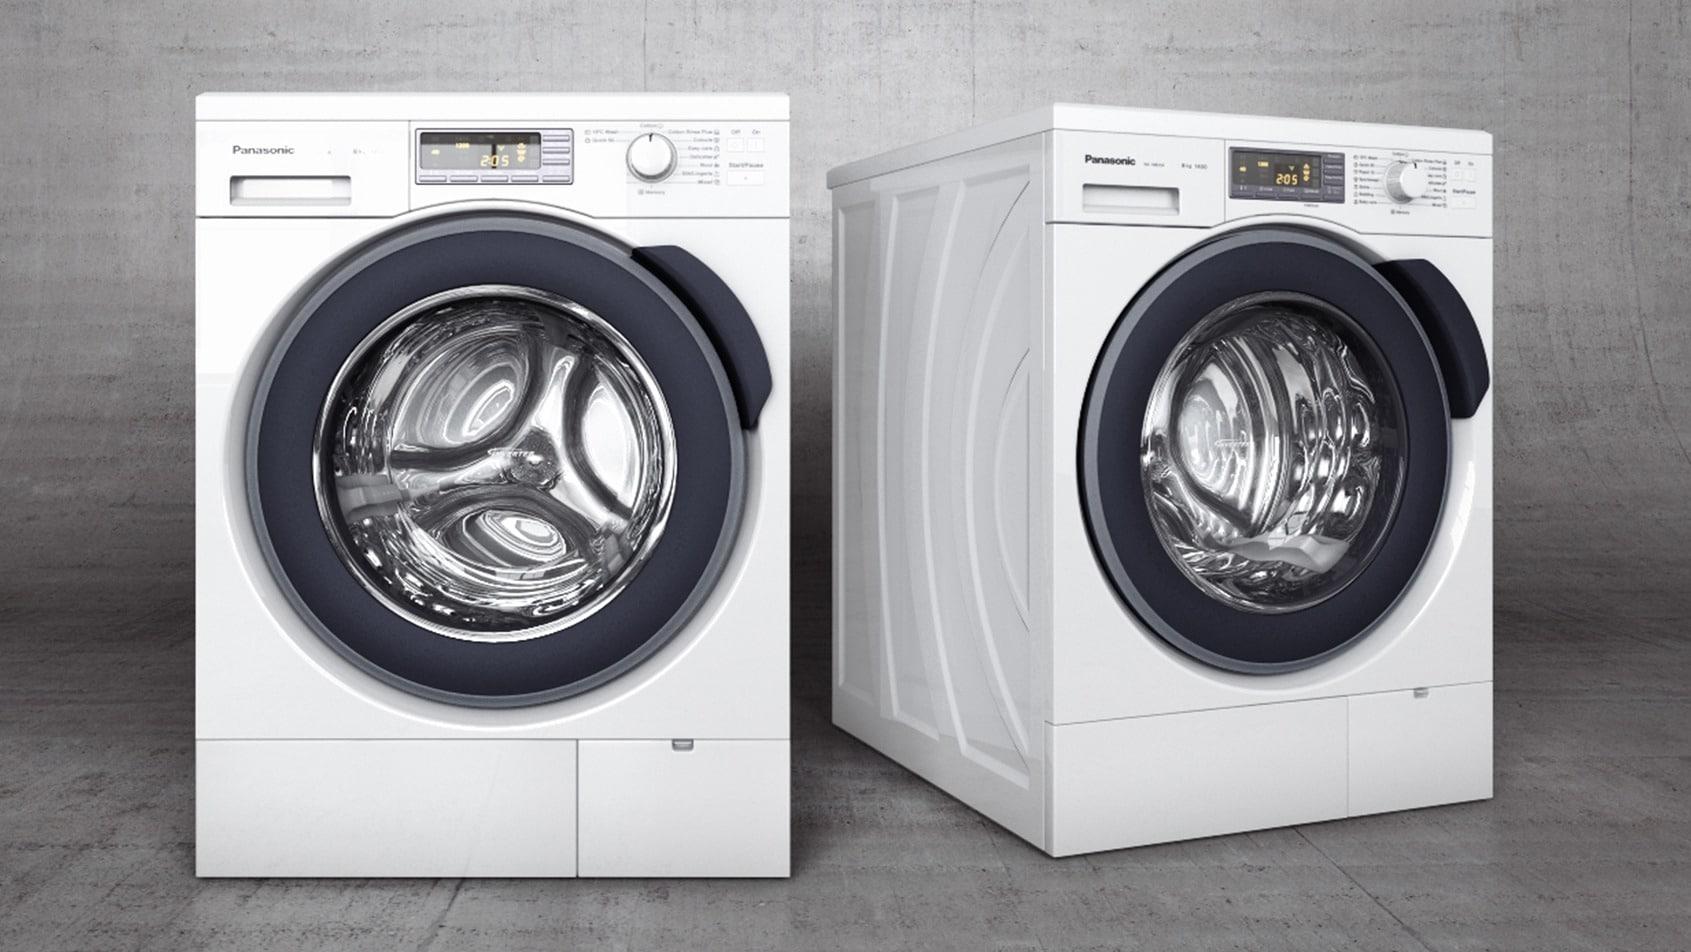 Модели стиральных машин Панасоник